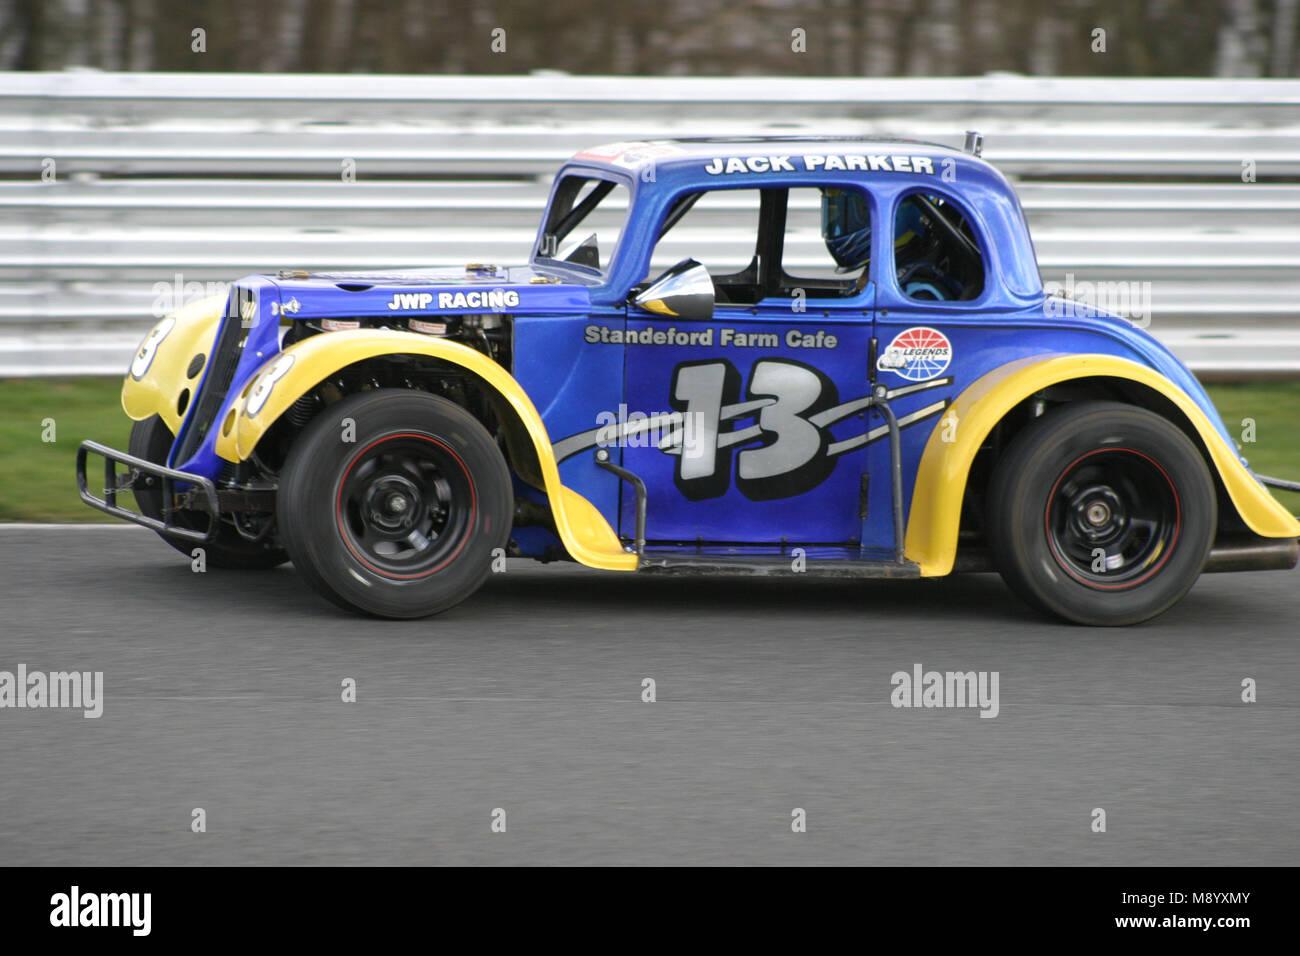 Legends Car Racing Legends Car Stock Photos & Legends Car Racing